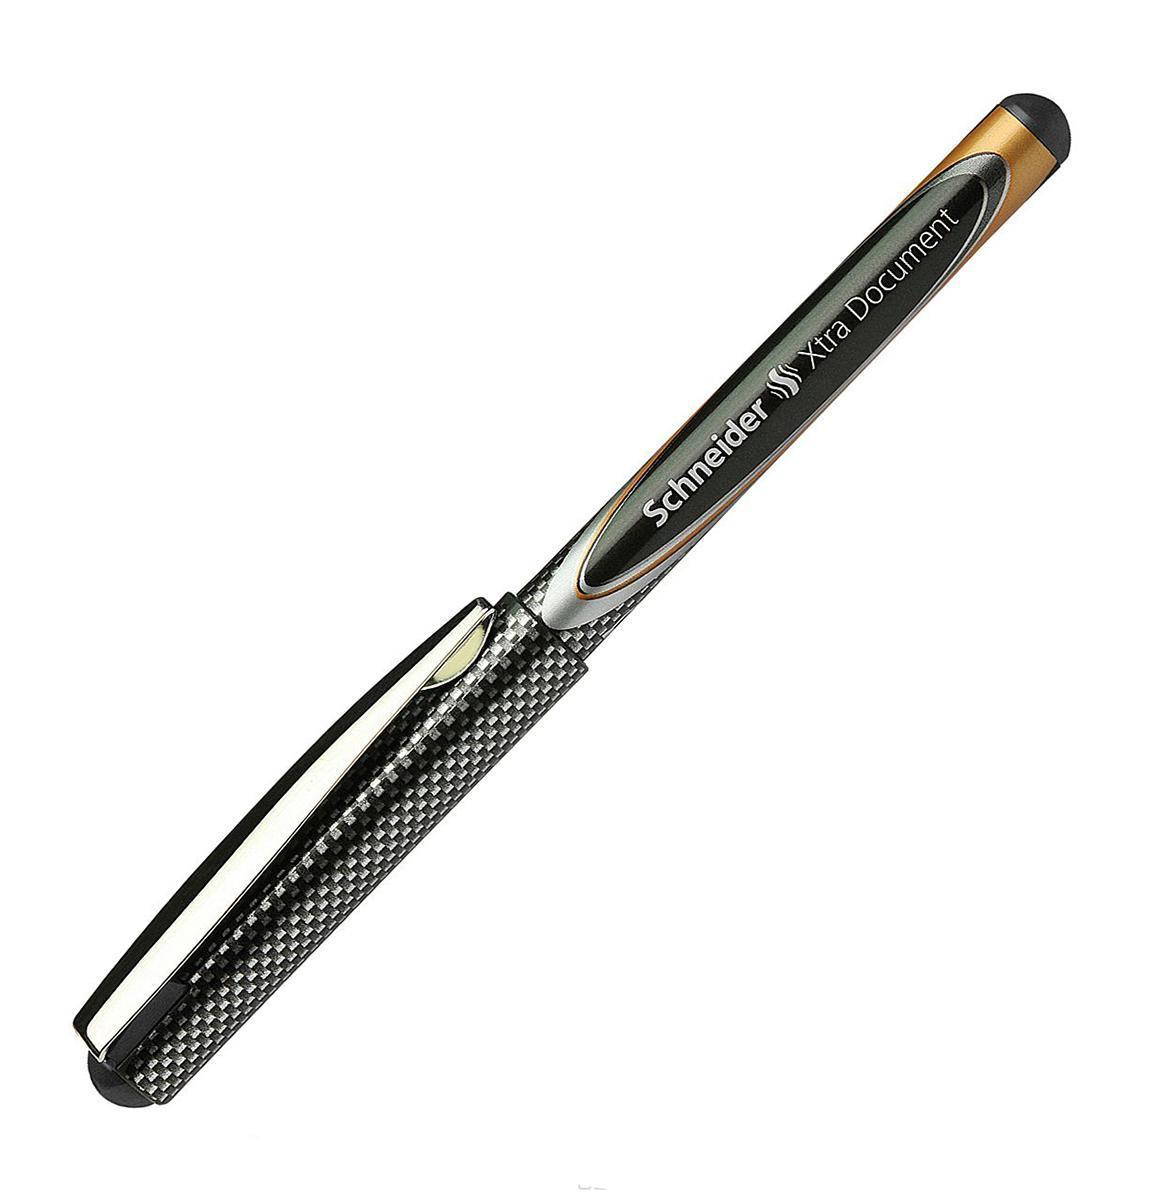 Ручка капиллярная XTRA 800 for documents, 0,6 мм, черный цвет чернил.S800/1 S800-01/1